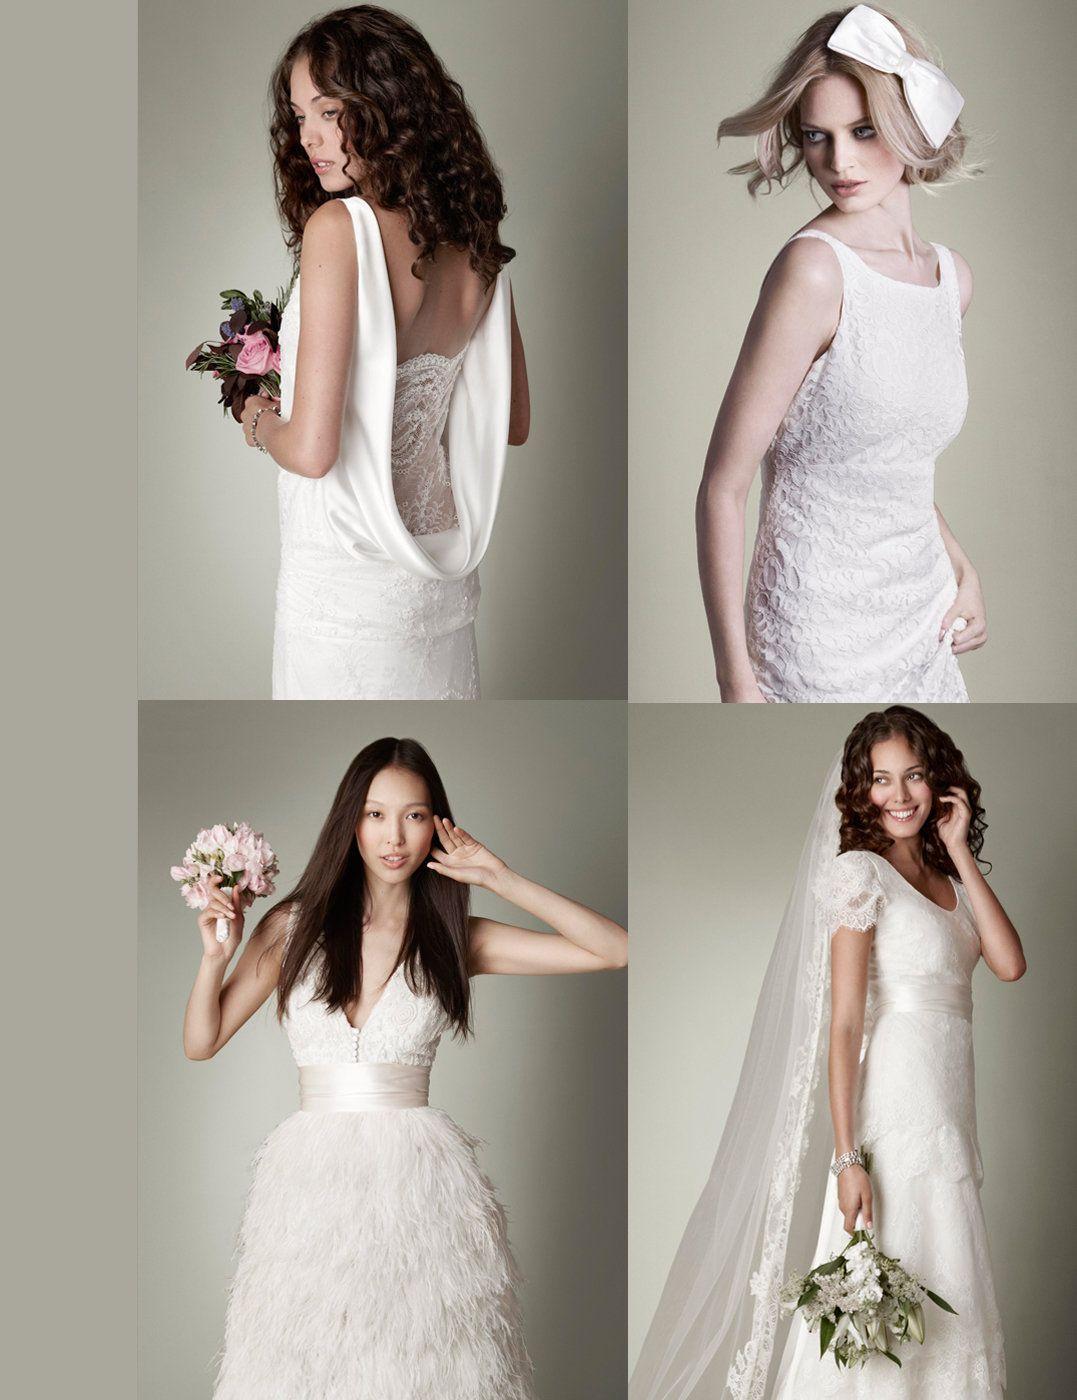 Bridal Sample Sales Guide Bridal Sample Sales